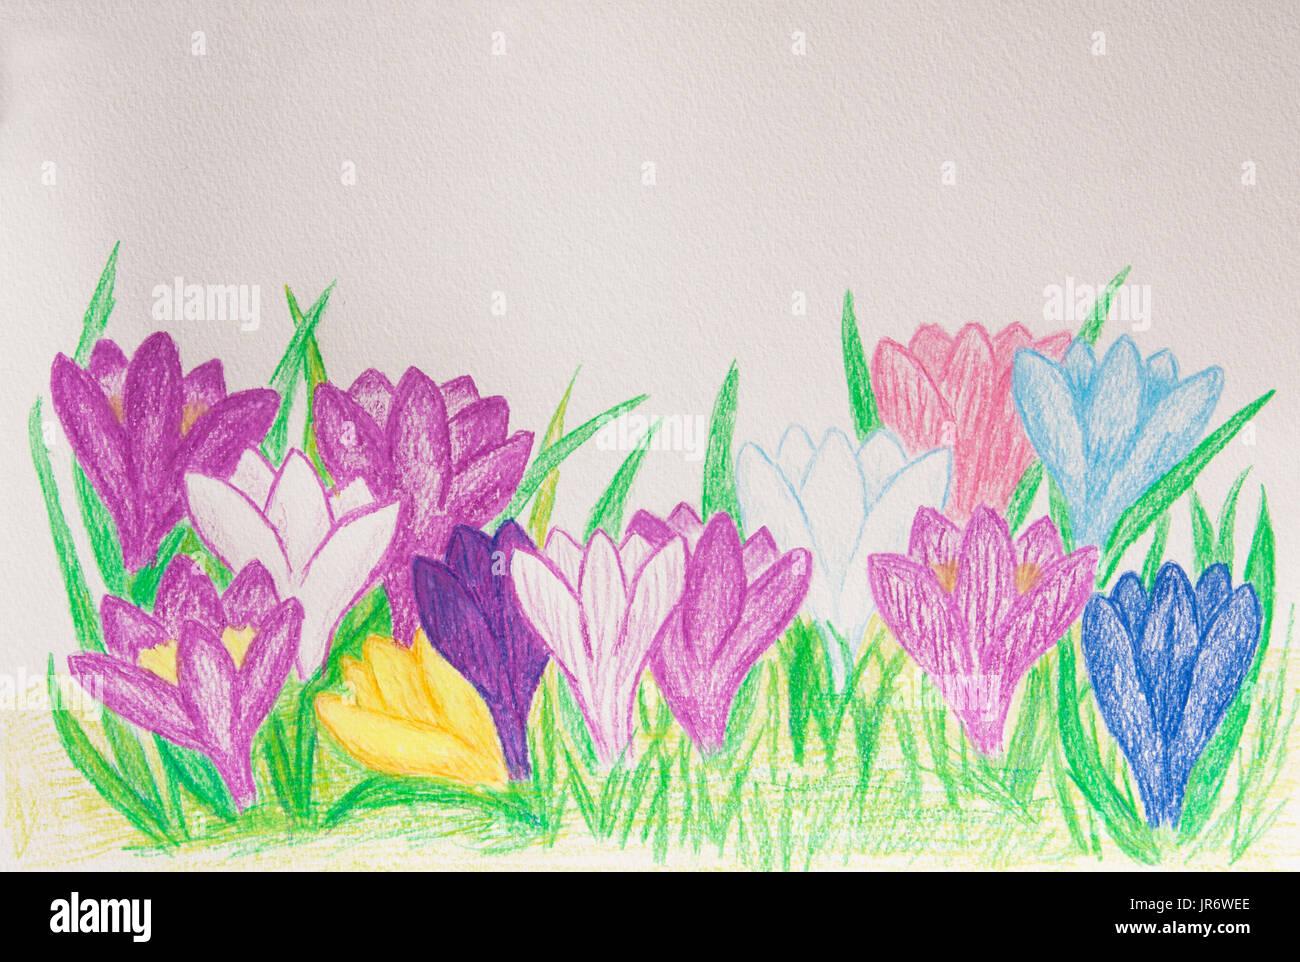 Einige Erste Frühling Blumen Krokusse Verschiedener Farben Auf